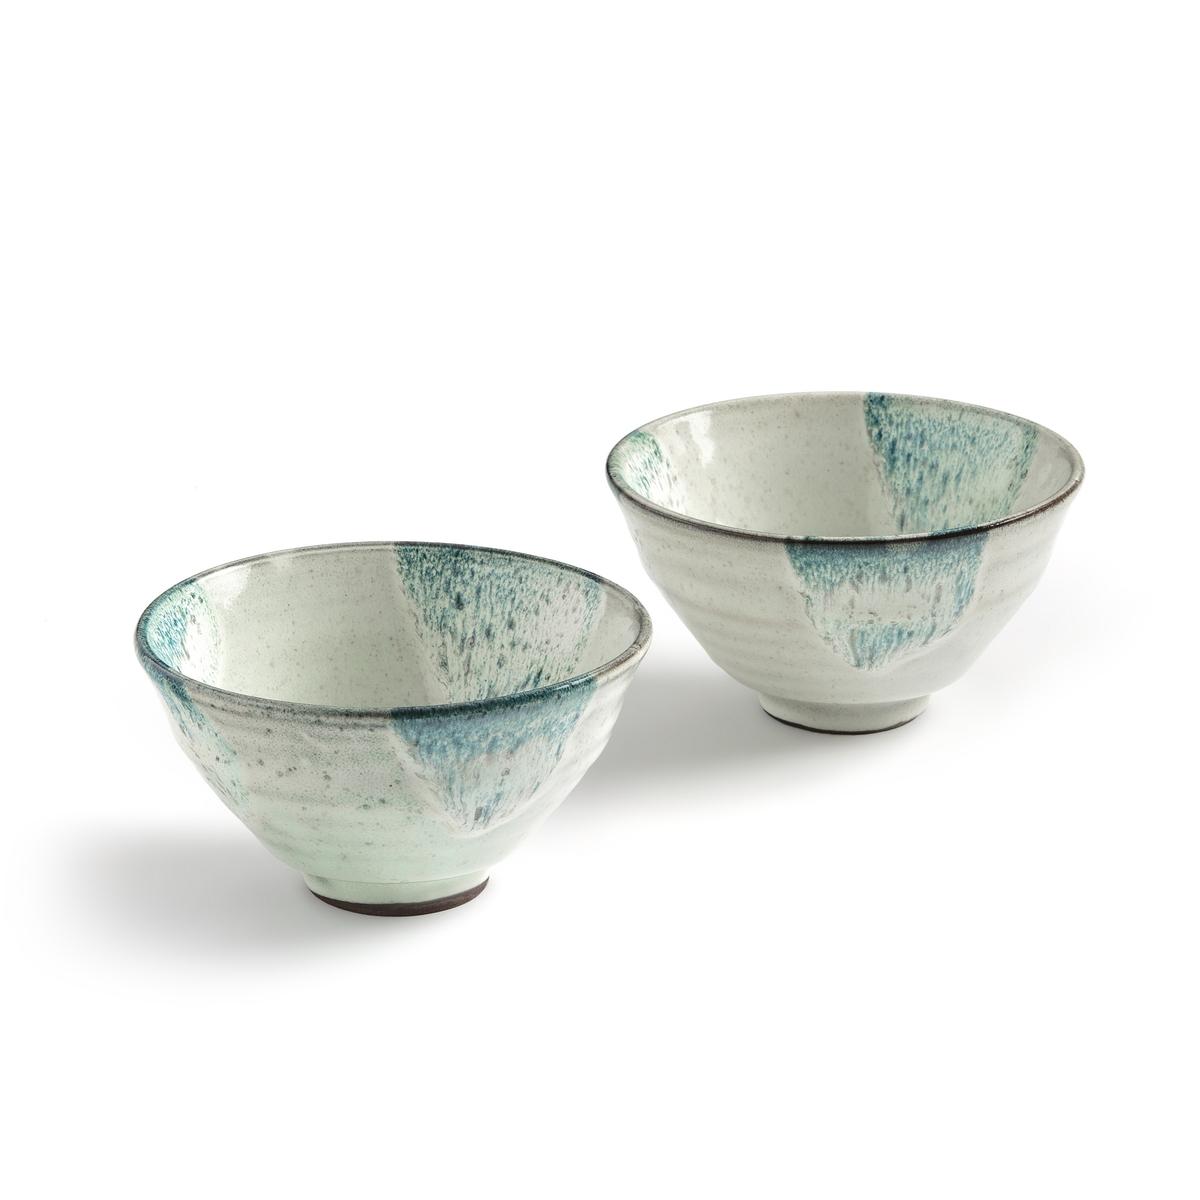 2 чайные чашки из керамики, Trabina2 чашки Trabina. Чайные чашки в восточном стиле, которые можно использовать также для подачи аперитива или десерта . Отделка с отражающим эффектом придает им нотку аутентичности и шарма .Характеристики : - Из эмалированной керамики с отражающим эффектом, рисунок может отличаться от изделия к изделию - Можно использовать в посудомоечных машинах и микроволновых печах- Продаются в черном сундучке Размеры :- ?14 x H7,5 см<br><br>Цвет: белый<br>Размер: единый размер